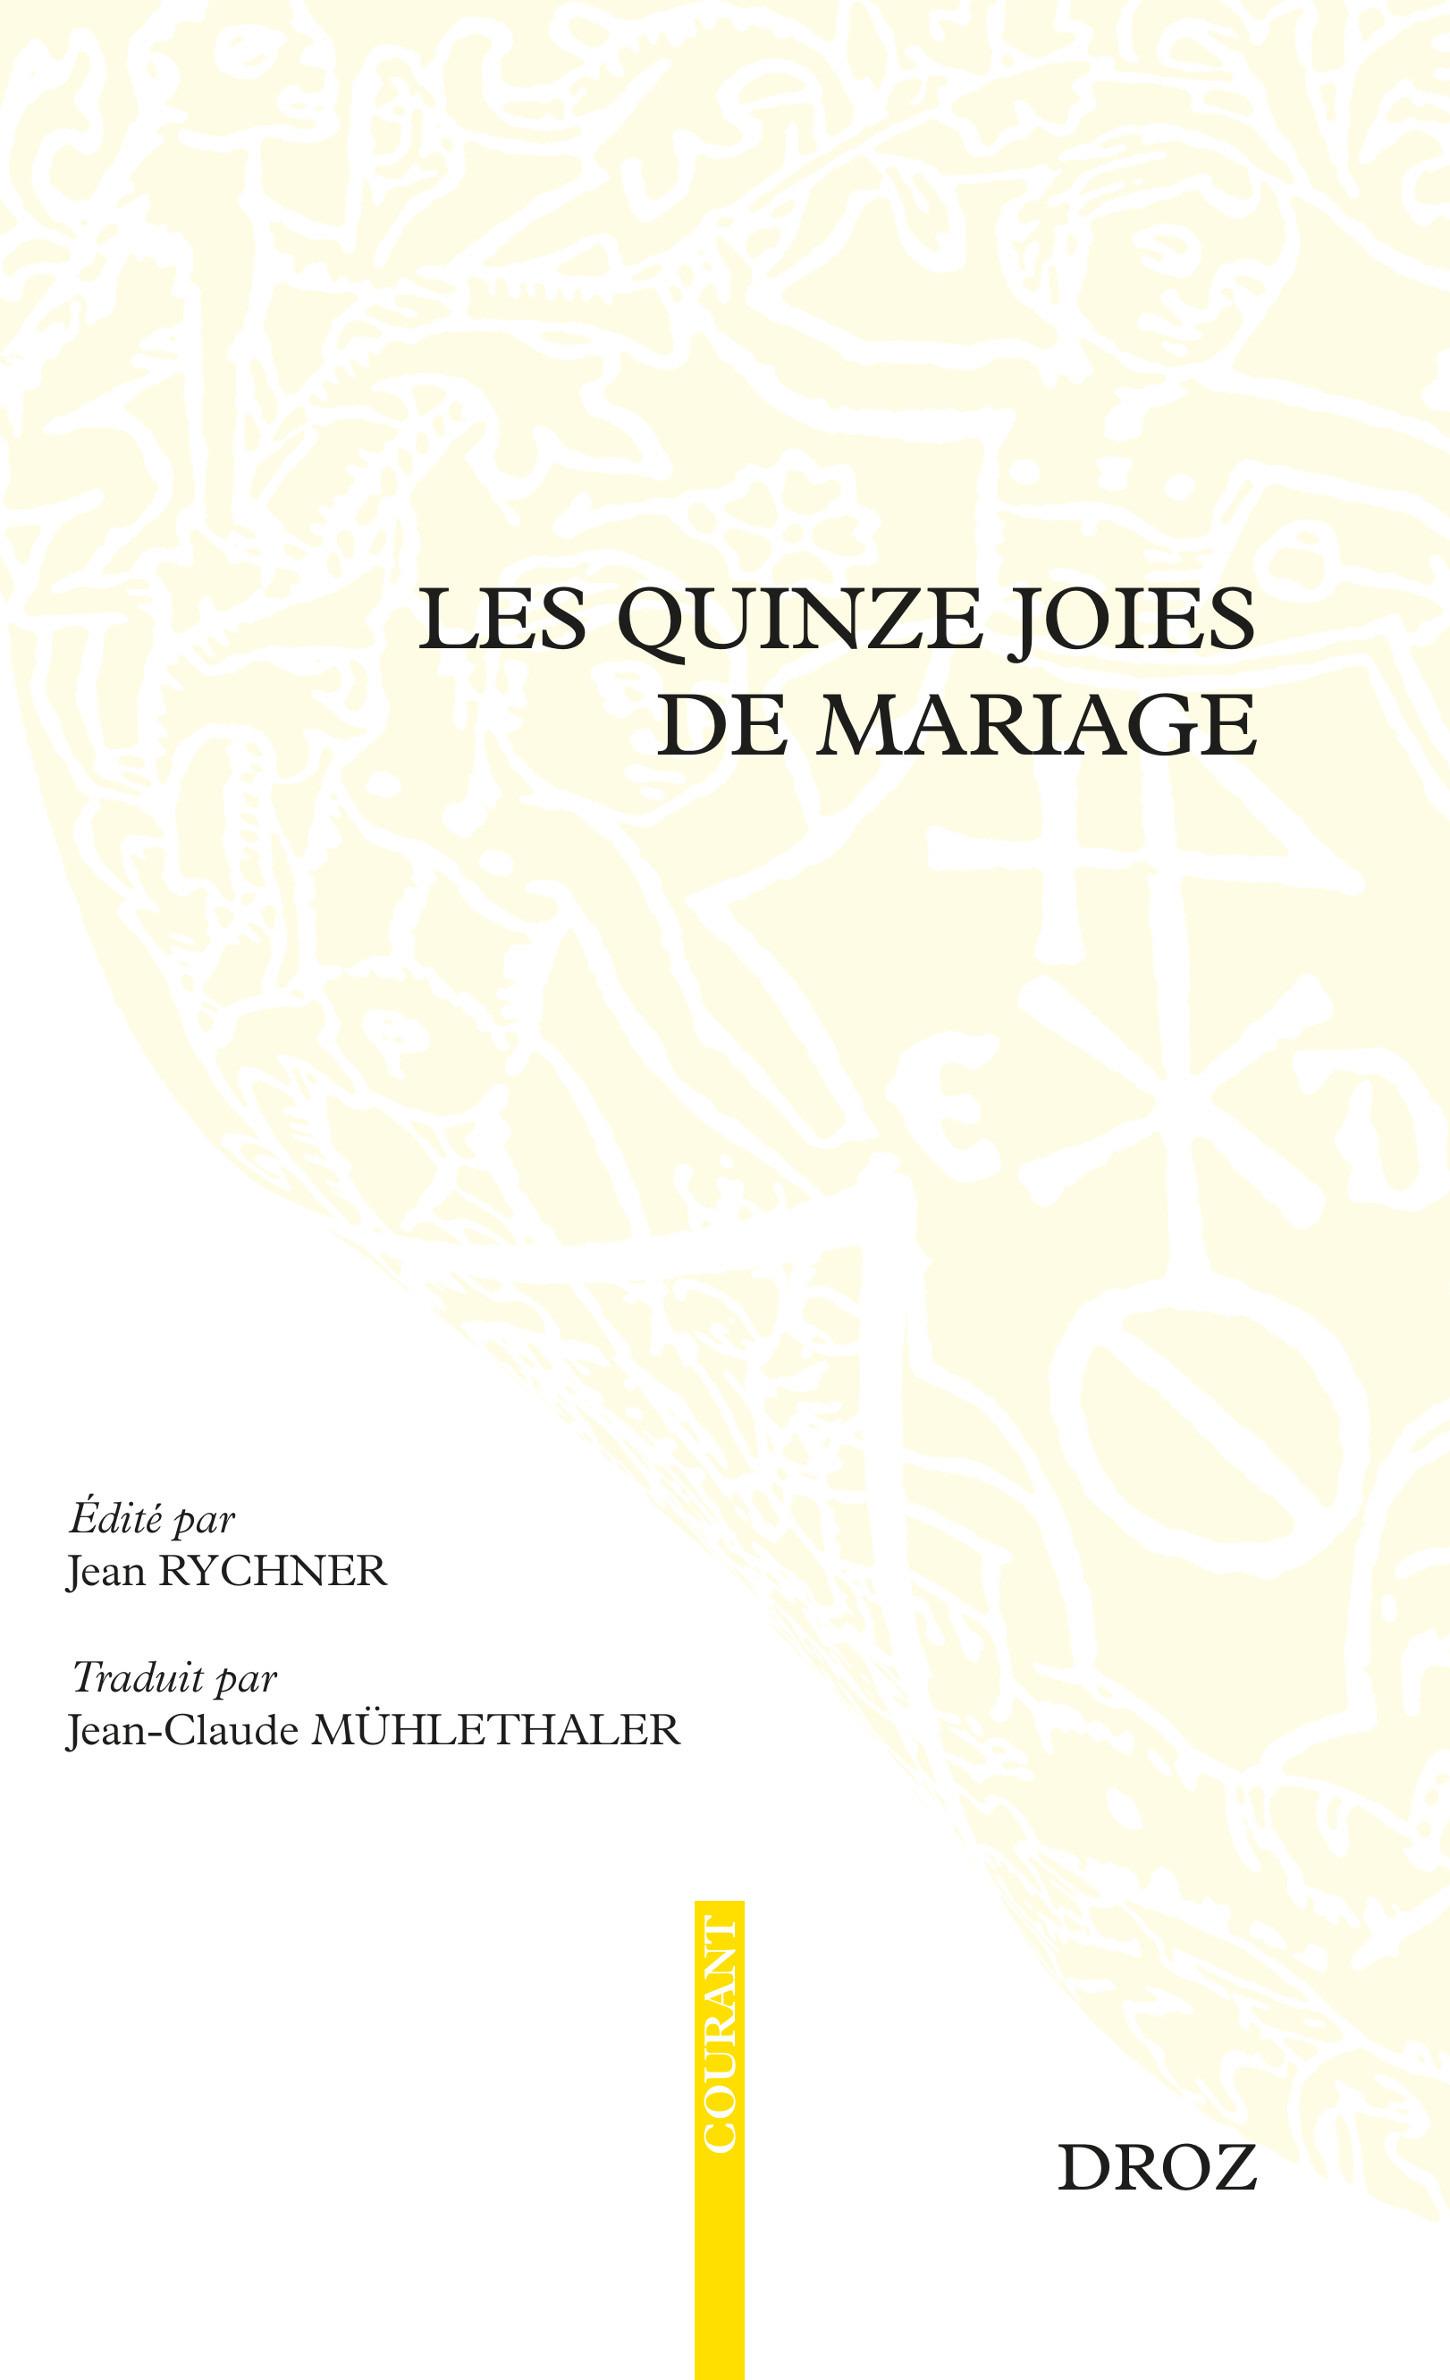 Les quinze joies de mariages